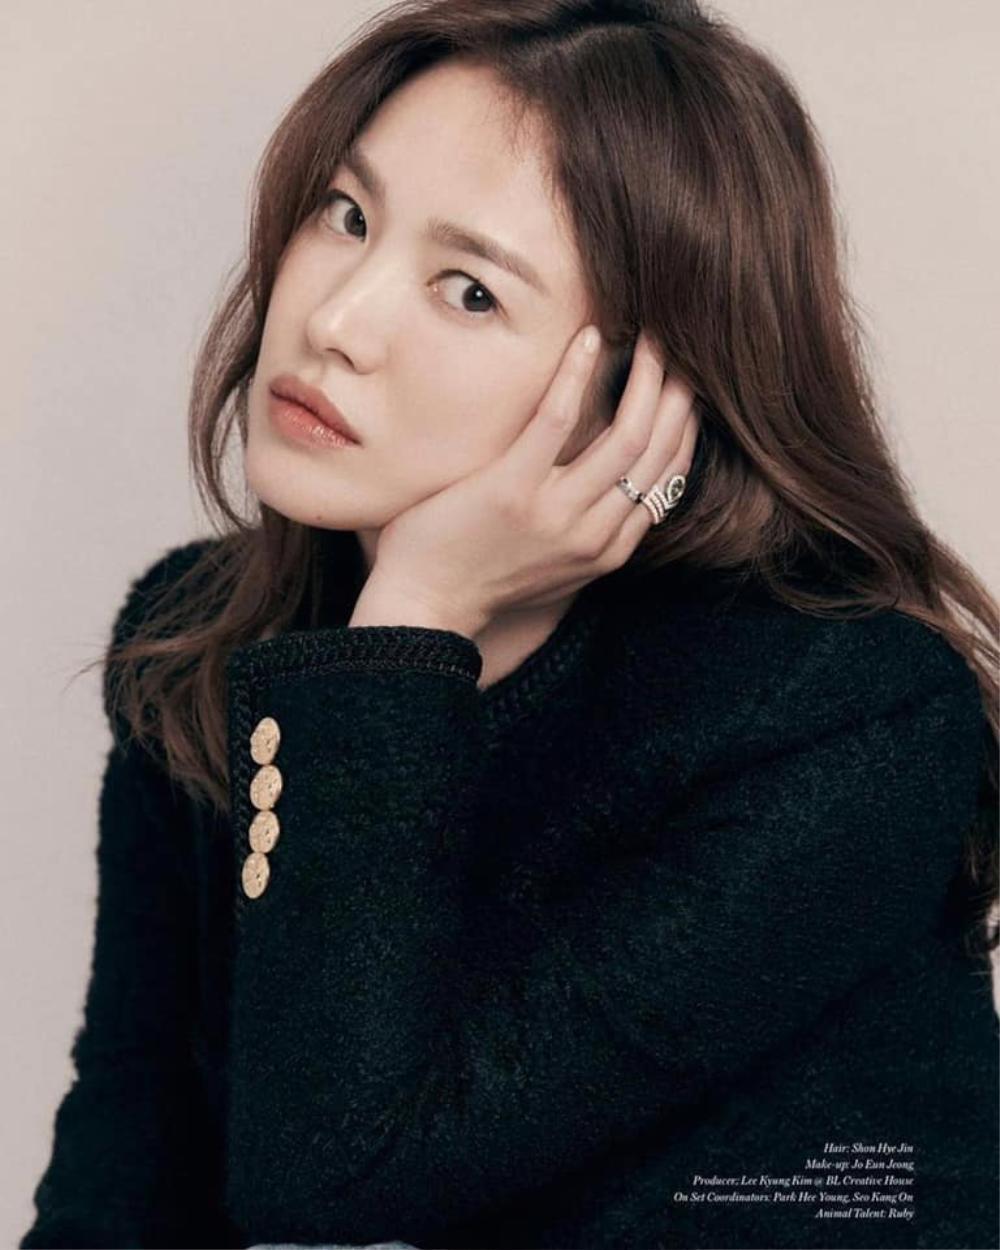 Nữ thần sắc đẹp Song Hye Kyo đụng hàng Lisa Black Pink, khó lòng phân định ai hơn ai Ảnh 2